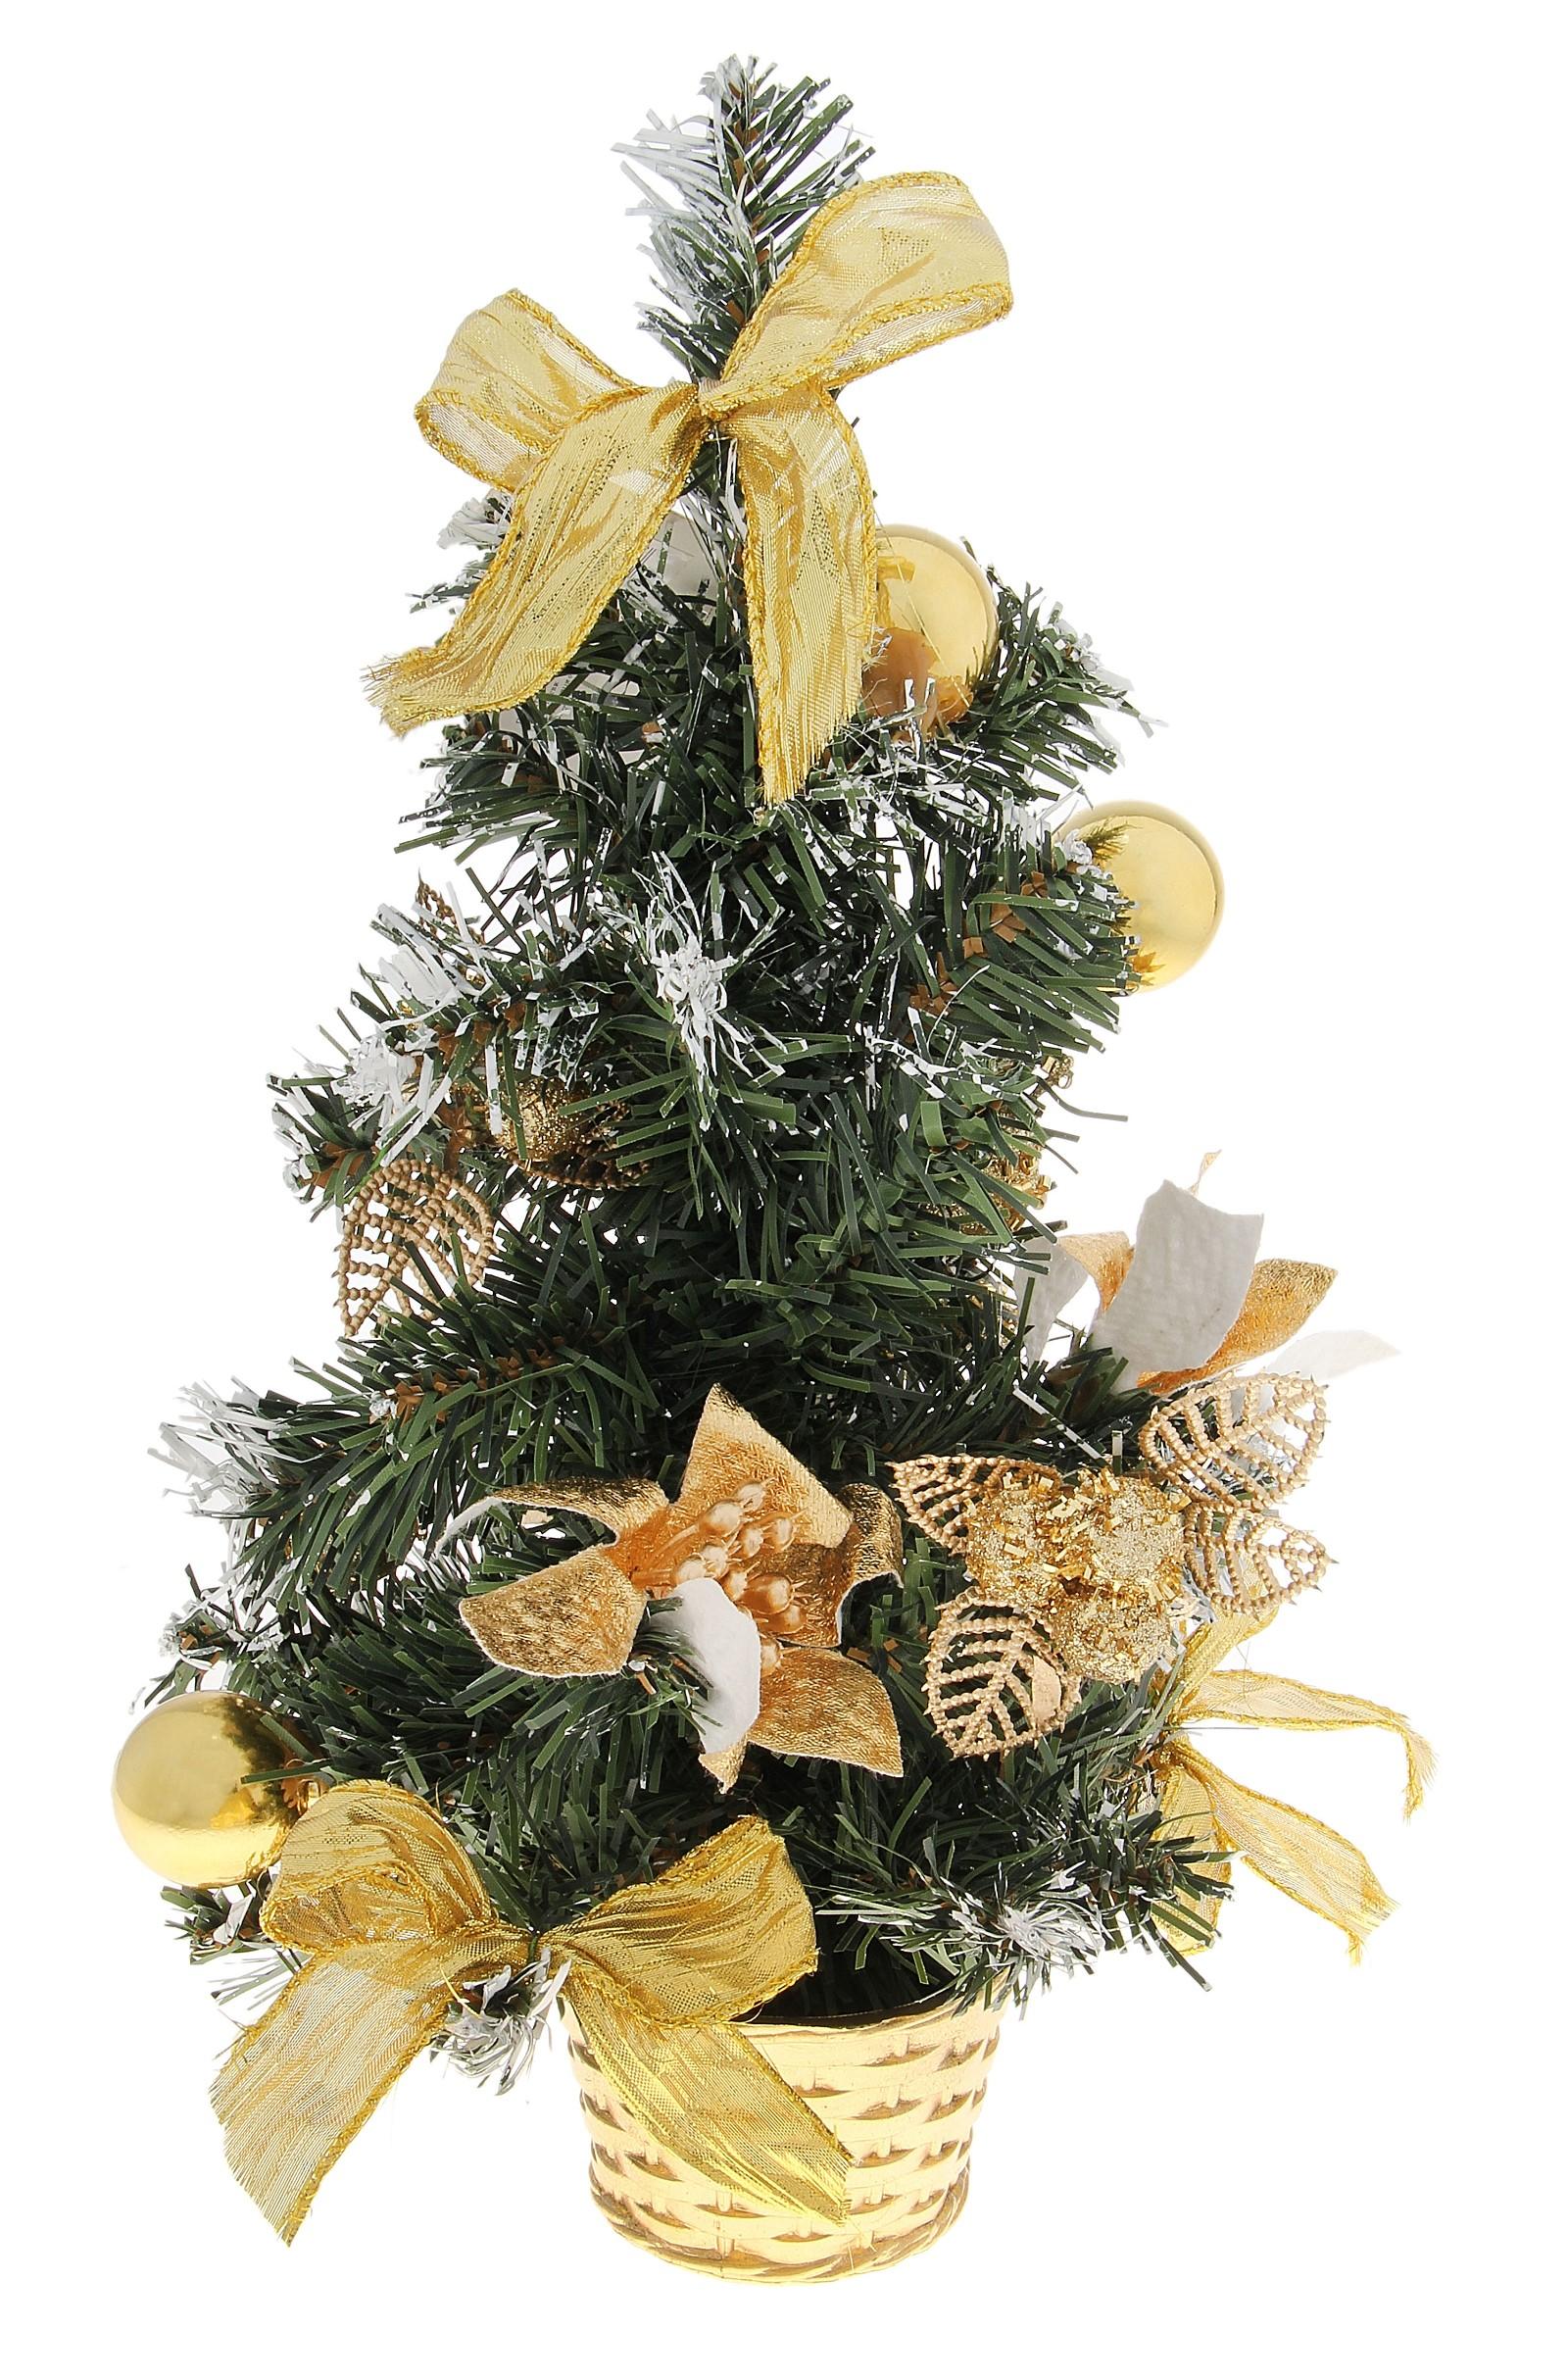 """Декоративное украшение """"Новогодняя елочка"""", цвет: зеленый, золотистый, белый, высота 30 см. 717972"""